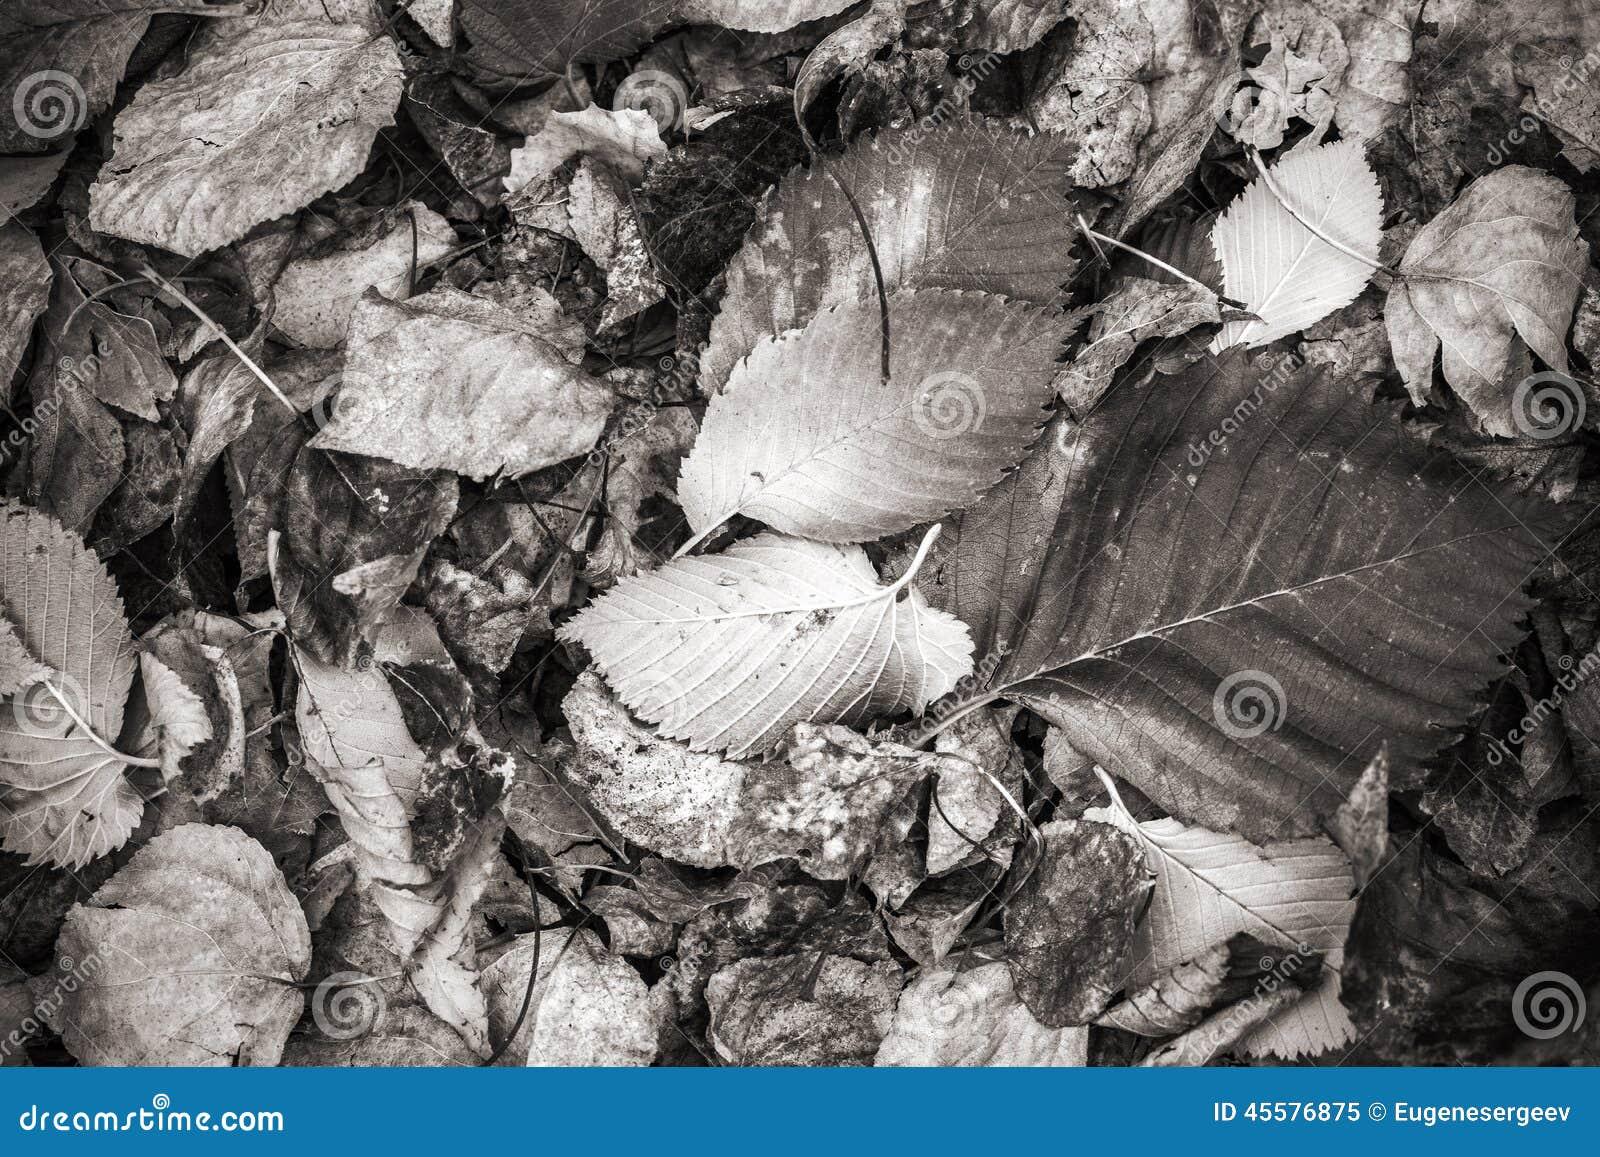 Herfst Gevallen Bladeren, Zwart-wit Foto Stock Foto - Afbeelding ...